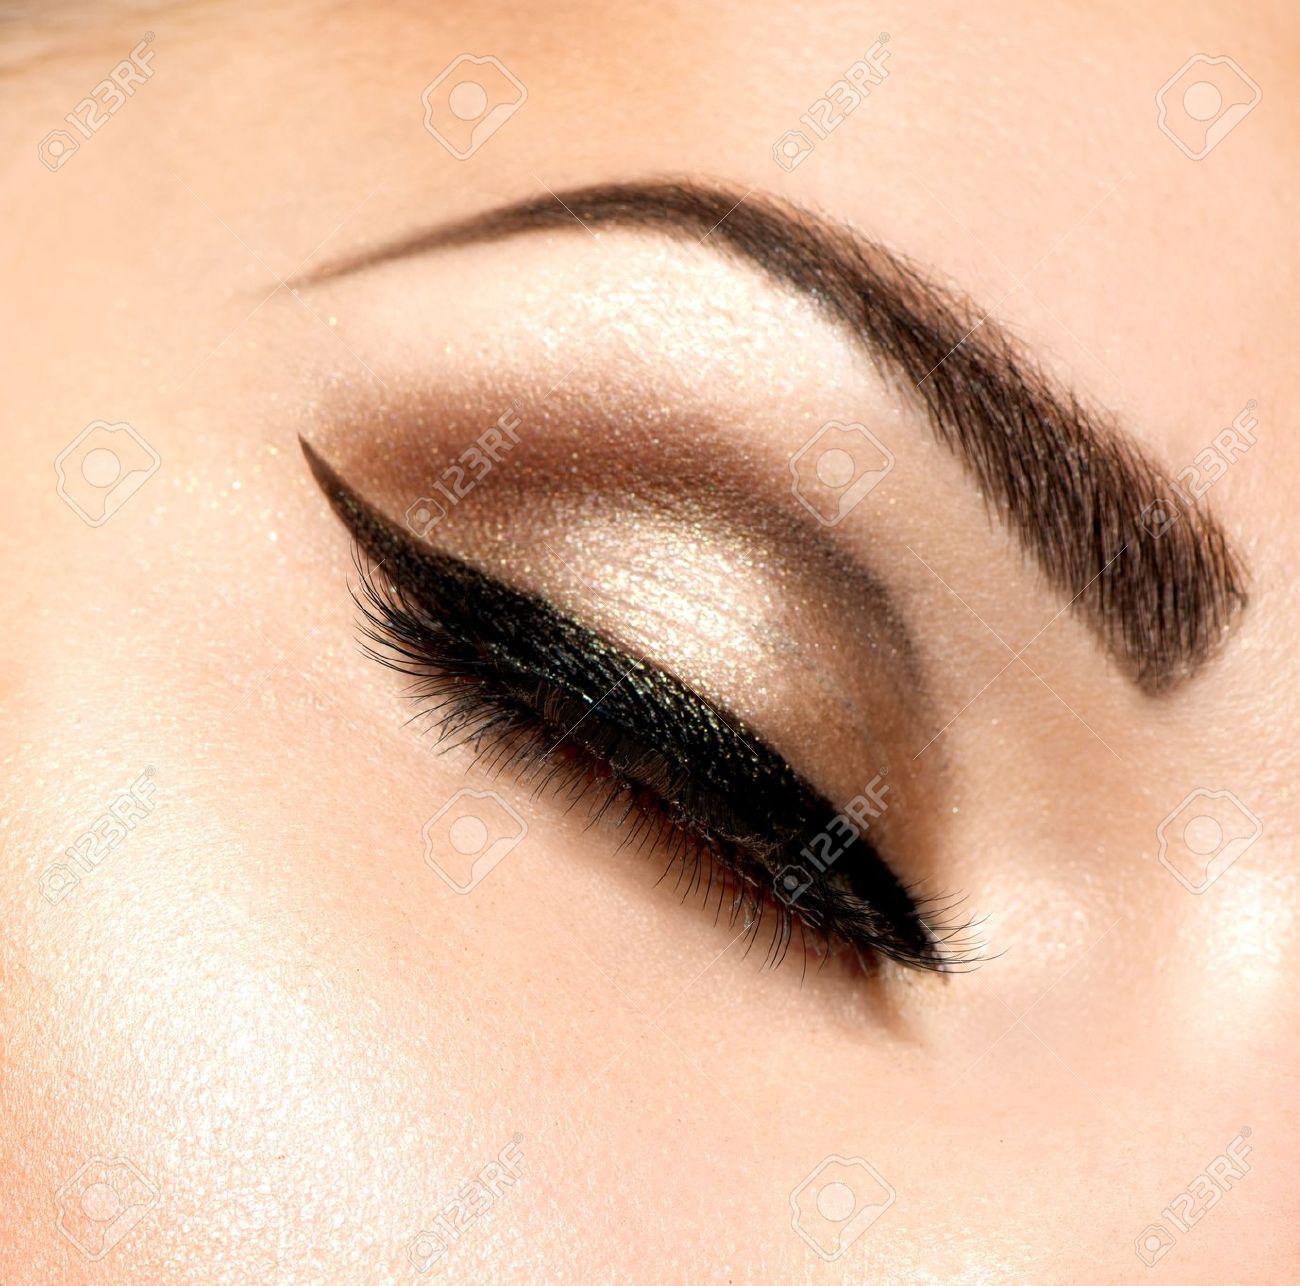 Beautiful Eyes Retro Style Make-up - 19225067